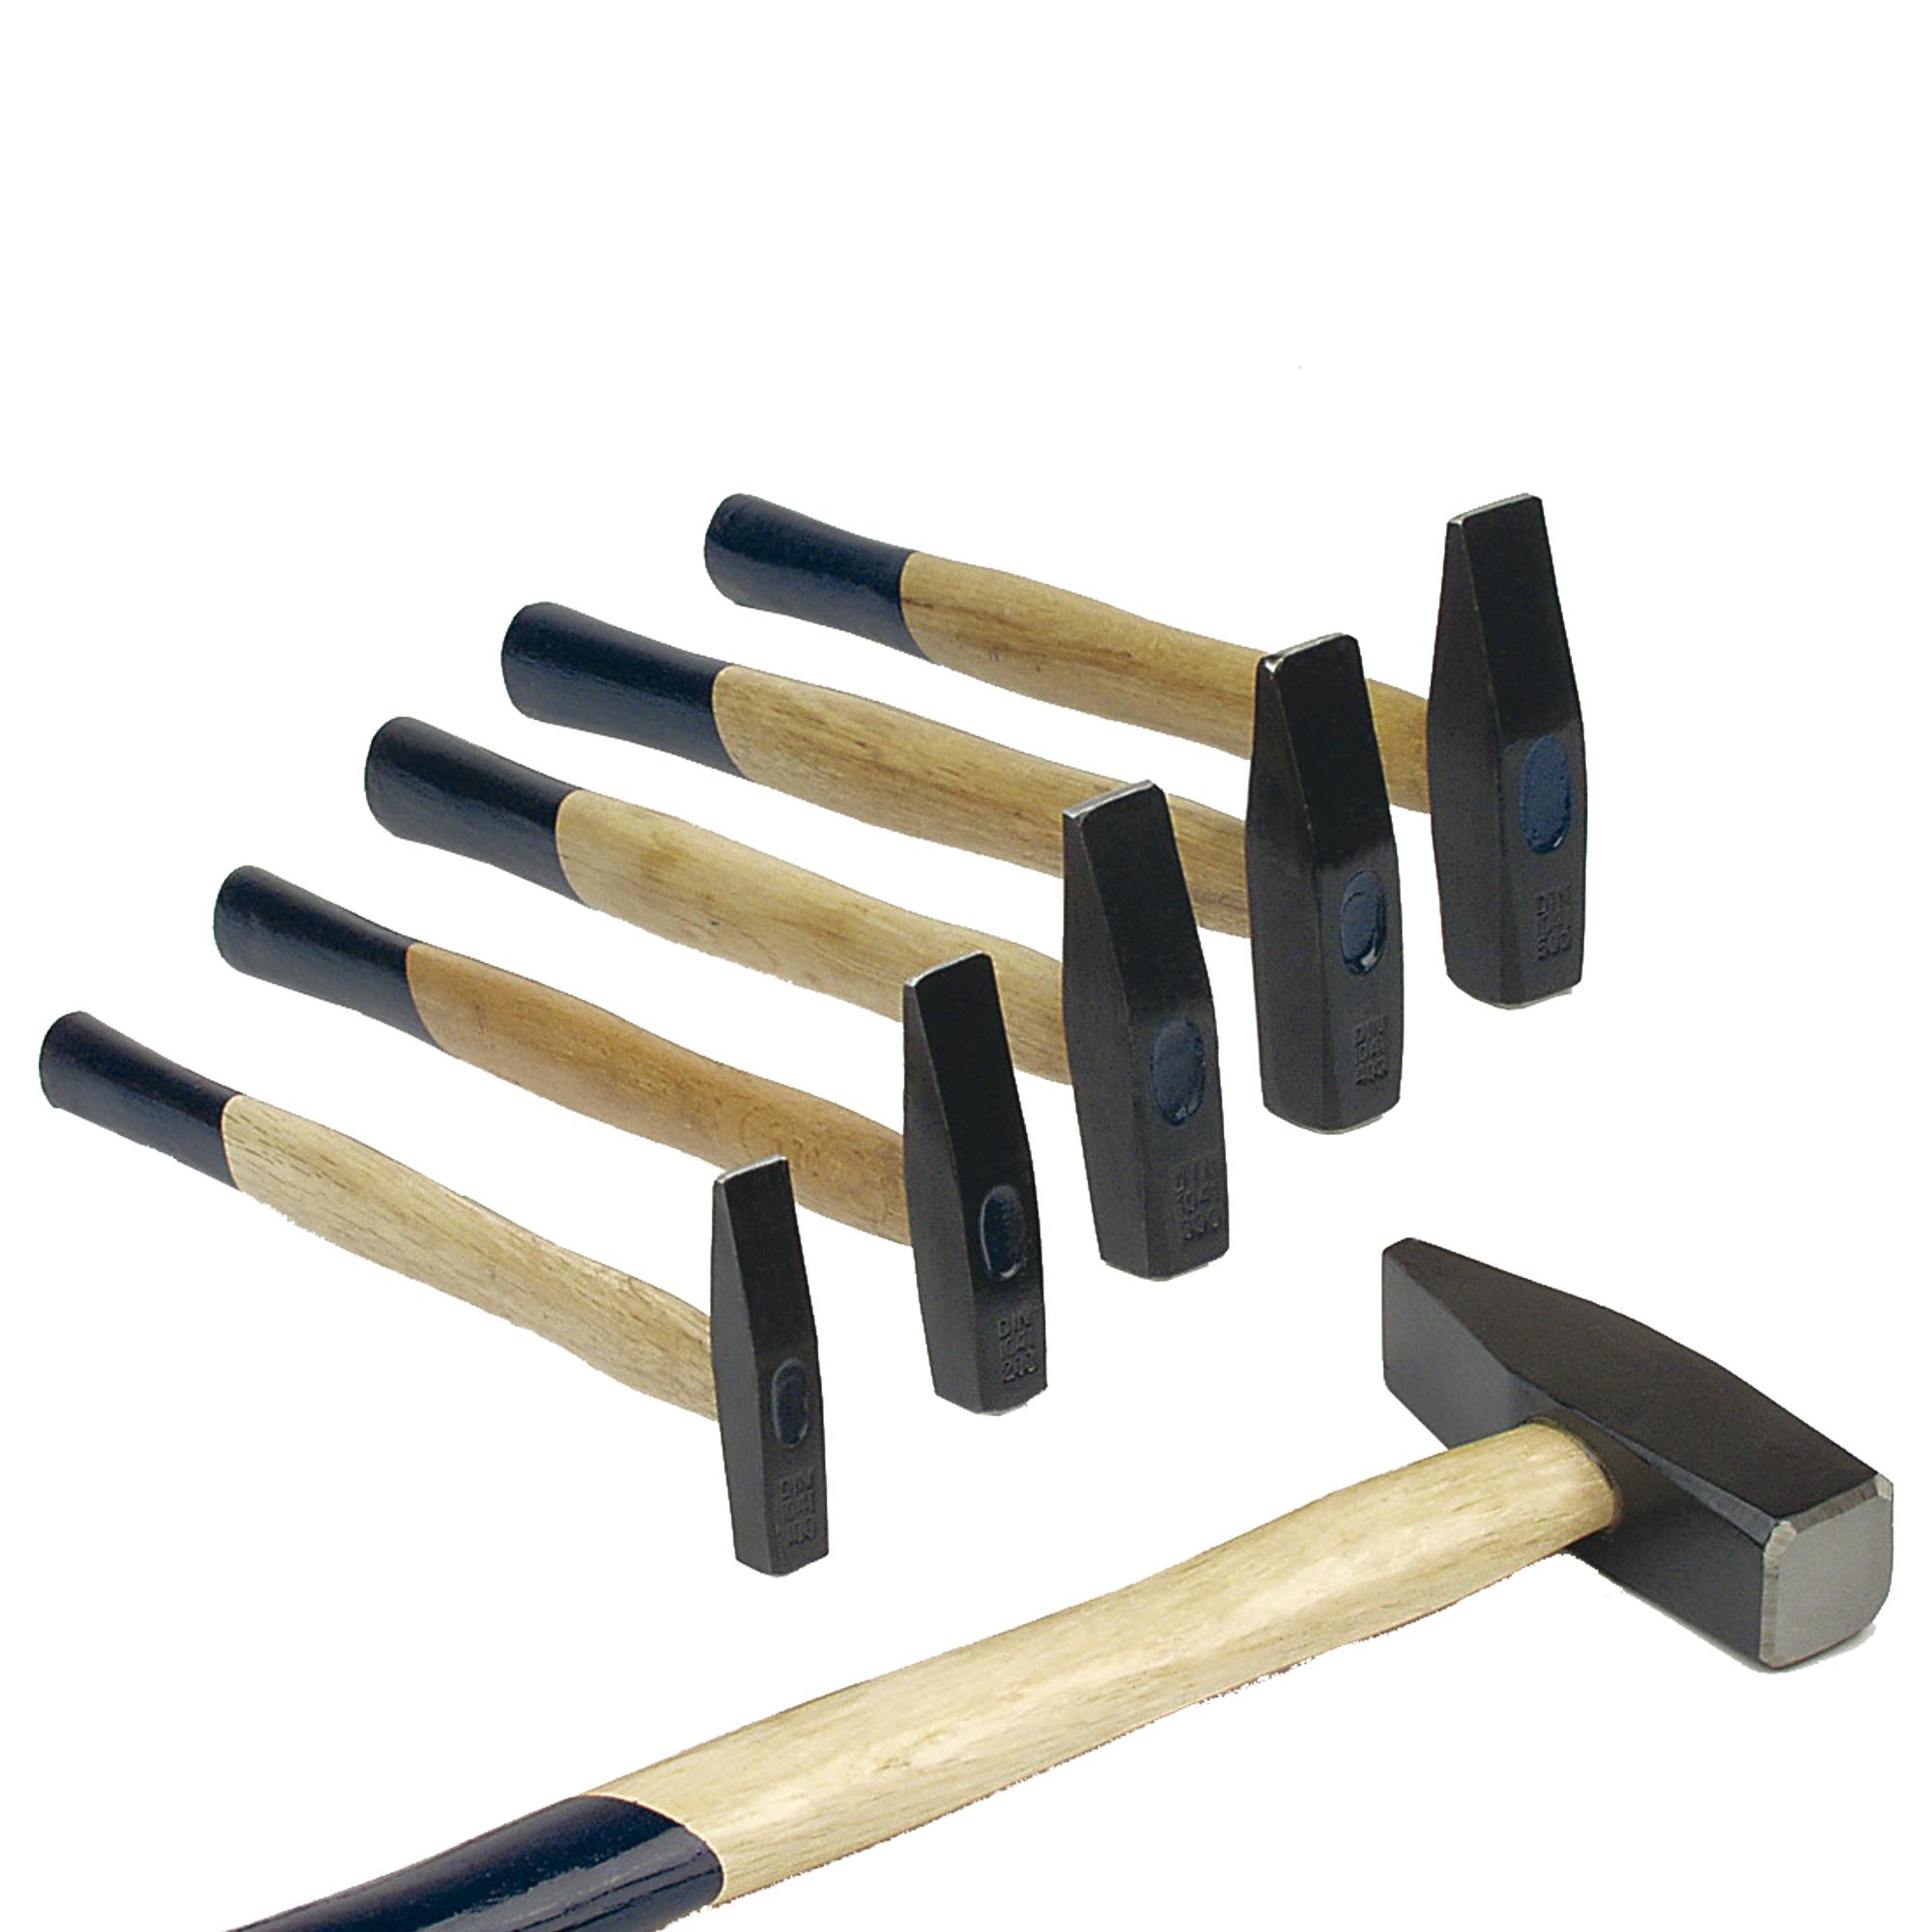 Schlosserhämmer, deutsche Form